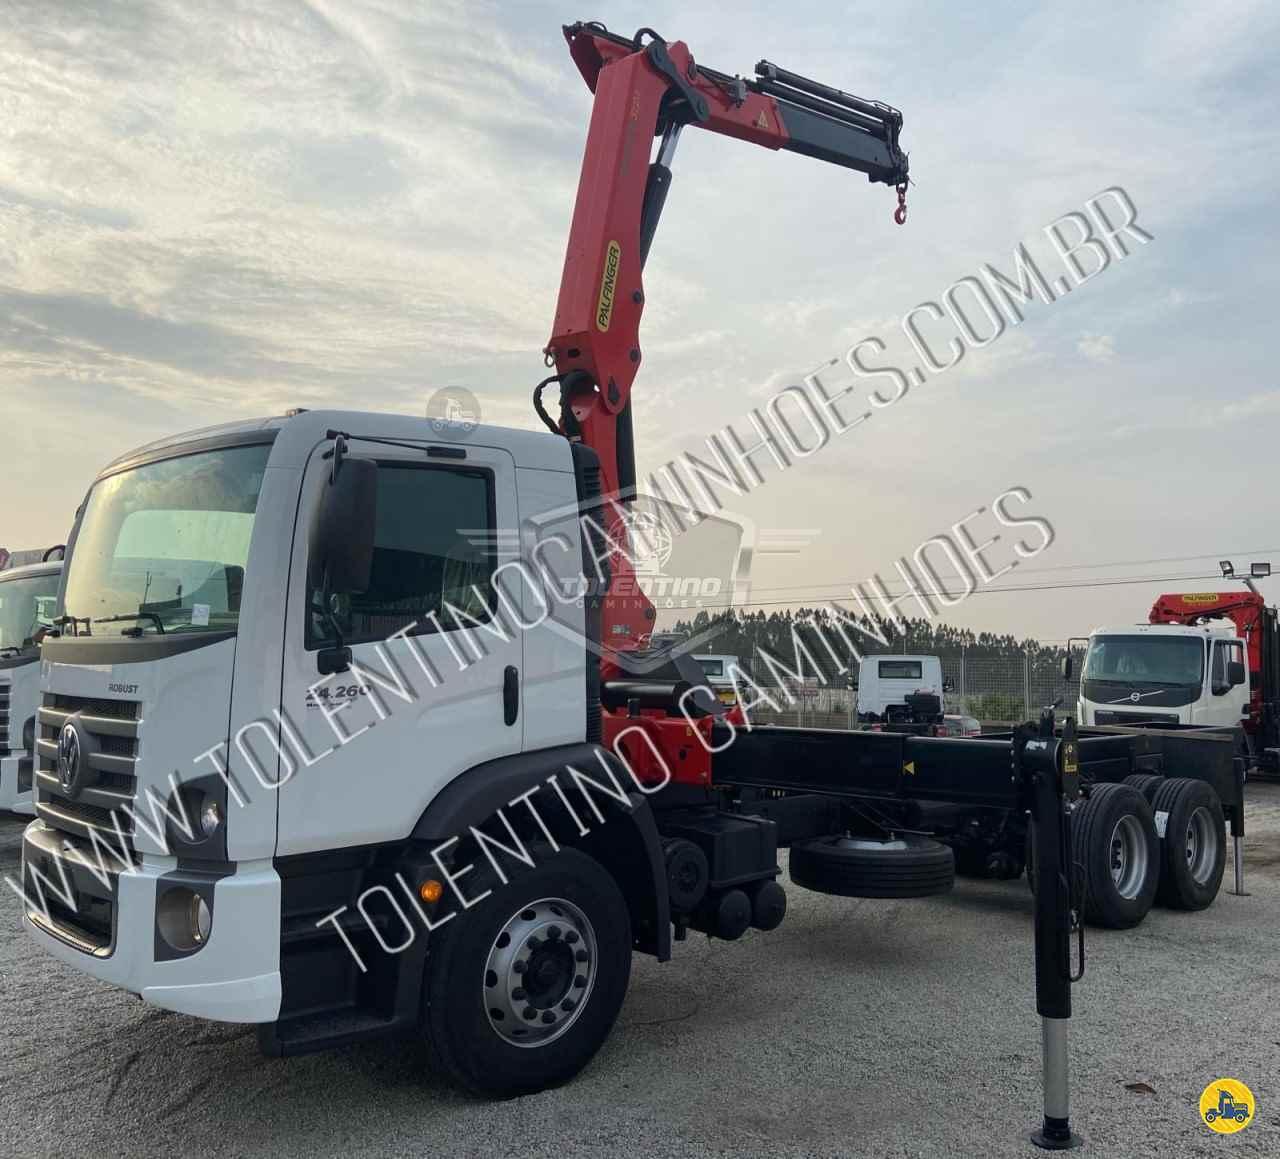 CAMINHAO VOLKSWAGEN VW 24260 Guincho Munck Truck 6x2 Tolentino Caminhões ITU SÃO PAULO SP